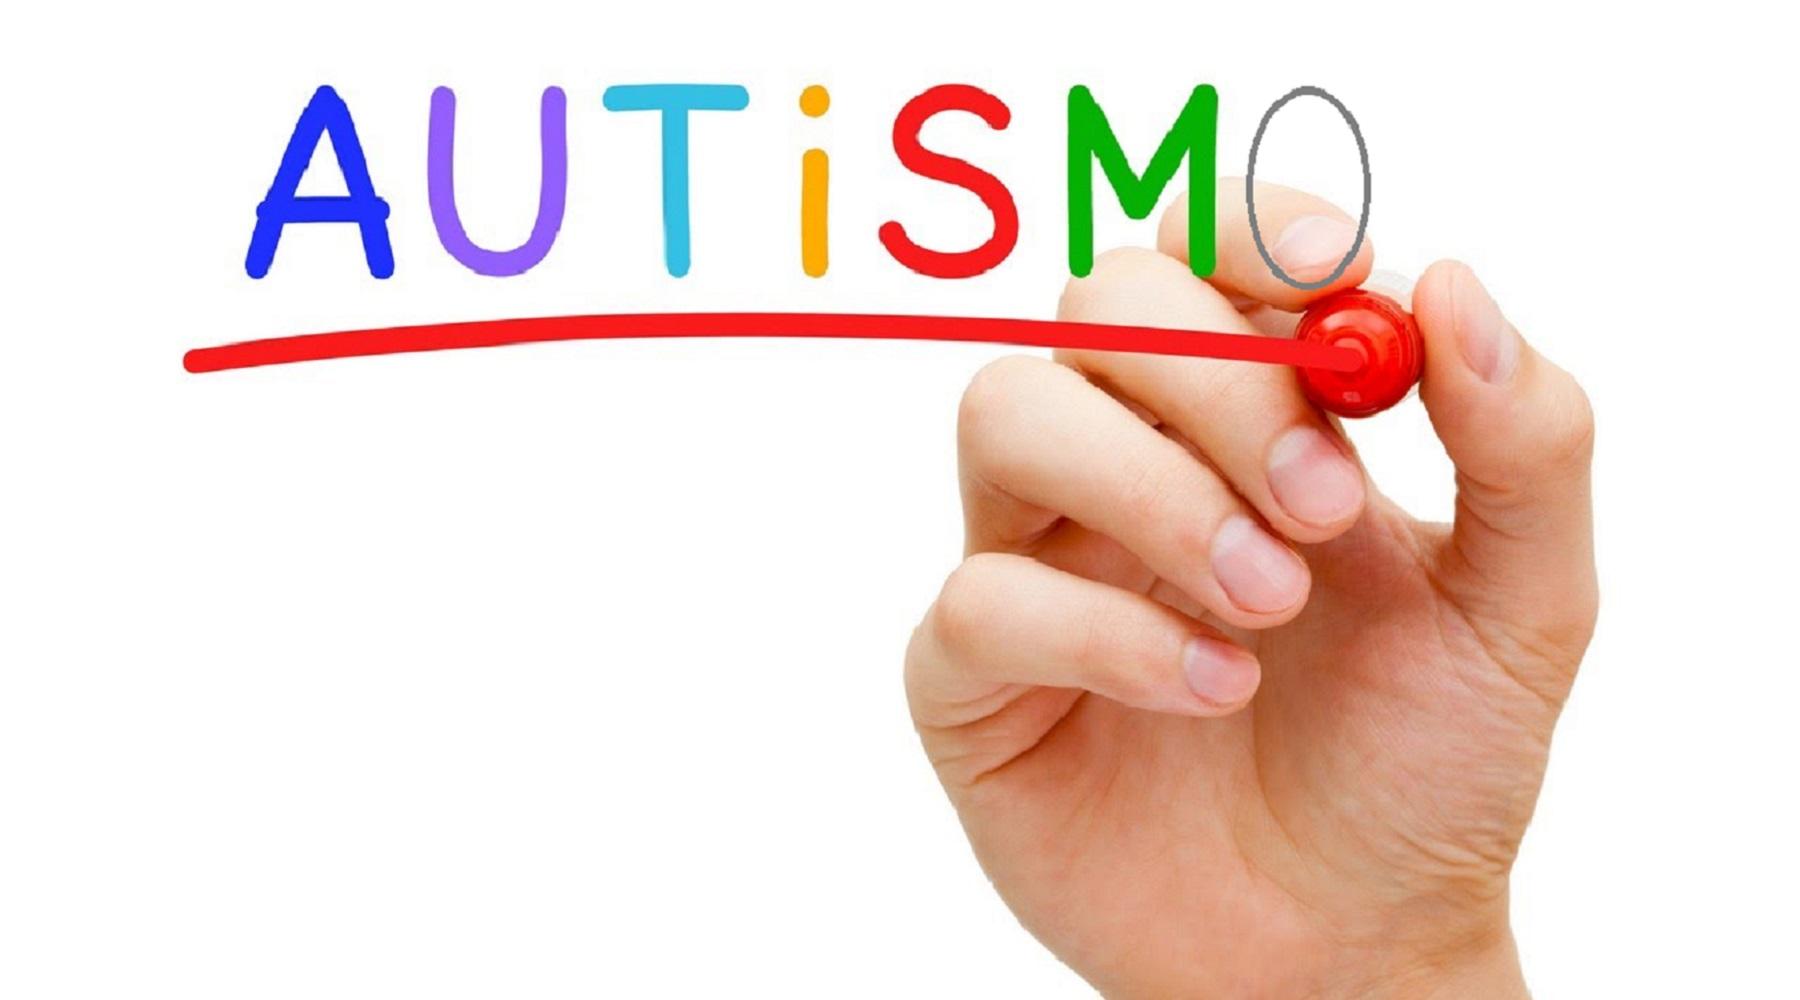 Nel comprensorio di Civitavecchia numerosi bambini sono affetti dal Disturbo dello Spettro Autistico